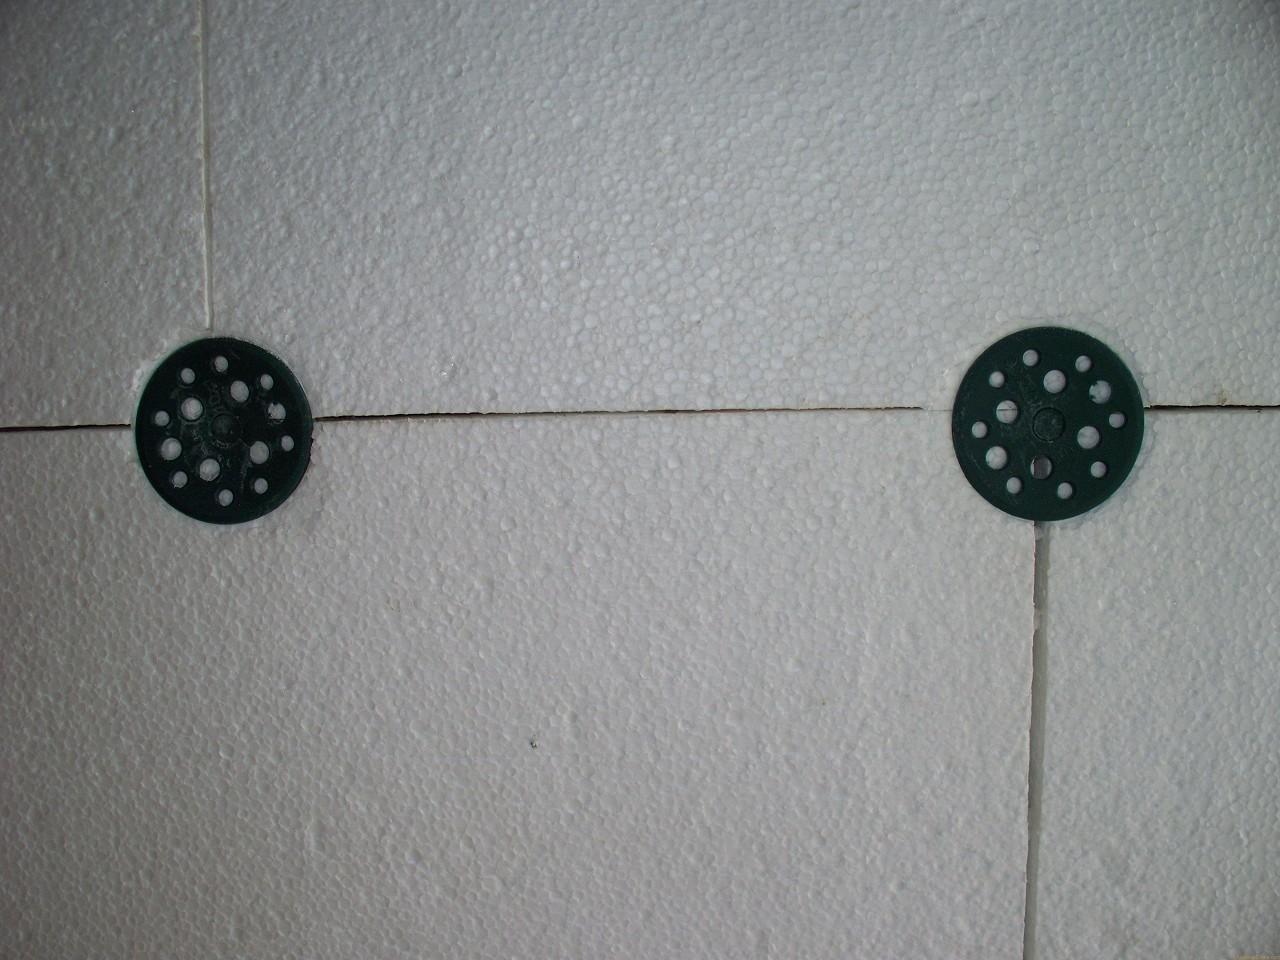 Листы пенопласта крепятся при помощи дюбелей-зонтиков